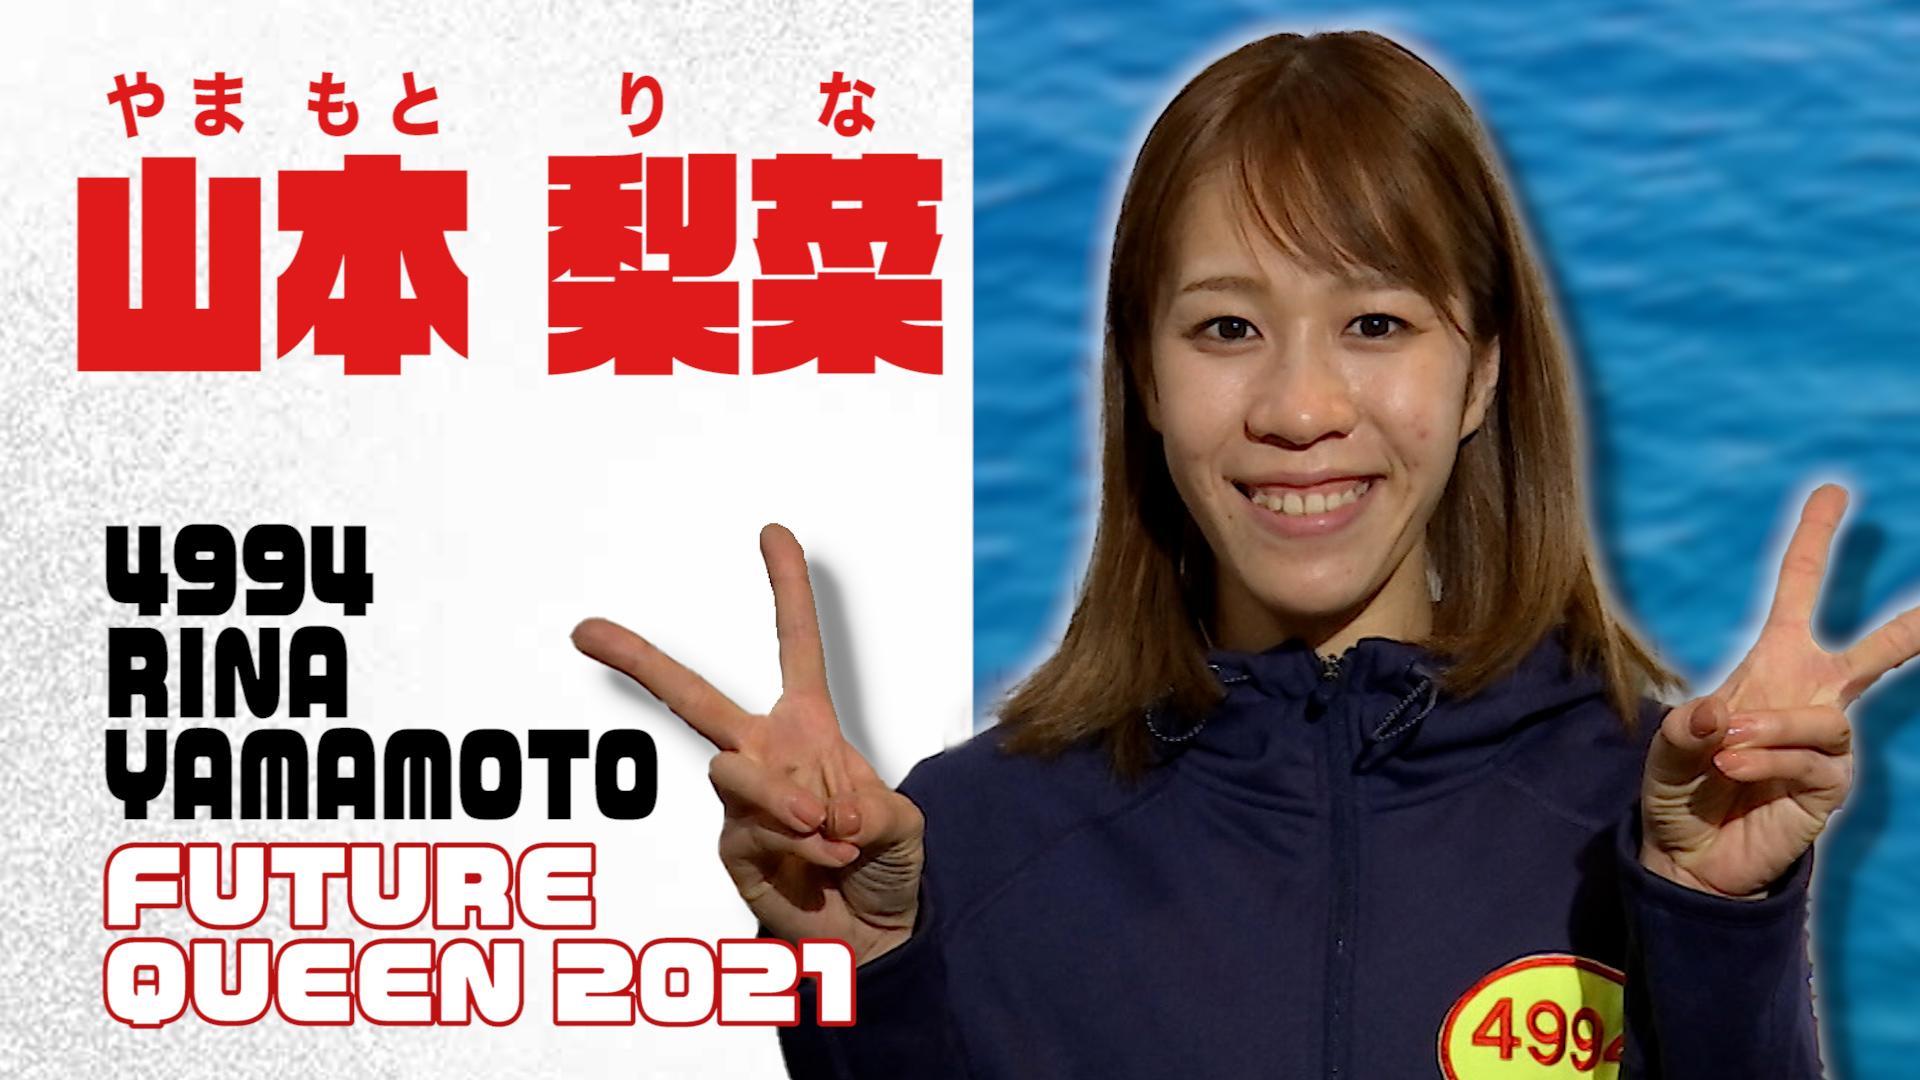 佐賀支部女子3人で切磋琢磨している山本梨菜選手!課題のスタートを磨き上げ勝率アップを目指す!|ボートレース